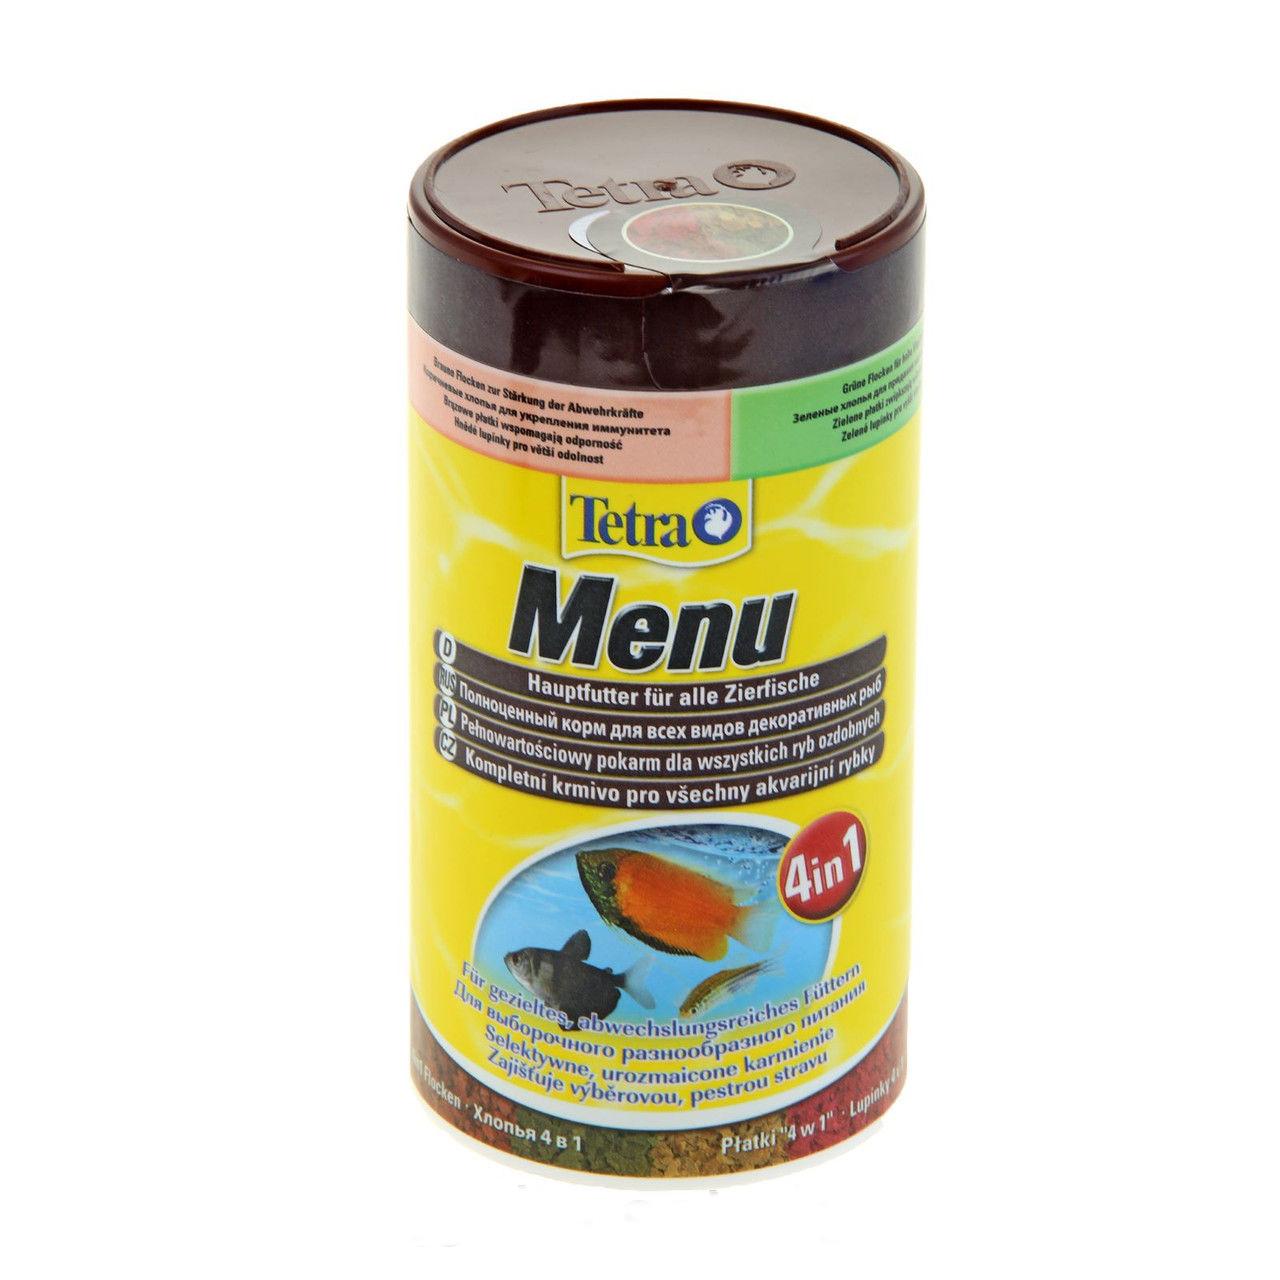 Корм Tetra Menu для всех видов декоративных рыб, 4 вида хлопьев, 100 мл (25 г)0120710Корм Tetra Menu предназначен для всех видов декоративных рыб. Это полноценный корм для выборочного кормления, соответствующего потребности рыб. В одной упаковке содержится 4 вида хлопьев: - желтые хлопья с оптимальным соотношением протеинов и жиров для здорового роста, - красные хлопья с усилителями естественного цвета для улучшения окраски, - коричневые хлопья со специальным комплексом витаминов для укрепления иммунитета, - зеленые хлопья с необходимыми растительными питательными веществами для поддержки жизненных сил. Тщательно отобранные специальные хлопья с витаминами, минералами и микроэлементами для разнообразного и сбалансированного питания. Ежедневное кормление позволяет отрегулировать рост питомцев, обеспечить им жизнестойкость и плодовитость. Кормить рыбок нужно 2-3 раза ежедневно маленькими порциями. Состав: рыба и побочные рыбные продукты, зерновые культуры, дрожжи, экстракты растительного белка, моллюски и раки, водоросли, масла и жиры, сахар, минеральные вещества. Аналитические компоненты: сырой белок 47%, сырые масла и жиры 8%, сырая клетчатка 2%, влага 7%. Добавки: витамины, провитамины и химические вещества с аналогичным воздействием: витамин A 17000 МЕ/кг, витамин Д3 1060 МЕ/кг. Комбинации микроэлементов: Е5 марганец 72 мг/кг, Е6 цинк 43 мг/кг, Е1 железо 28 мг/кг, Е3 кобальт 0,5 мг/кг. Красители, антиоксиданты. Товар сертифицирован.